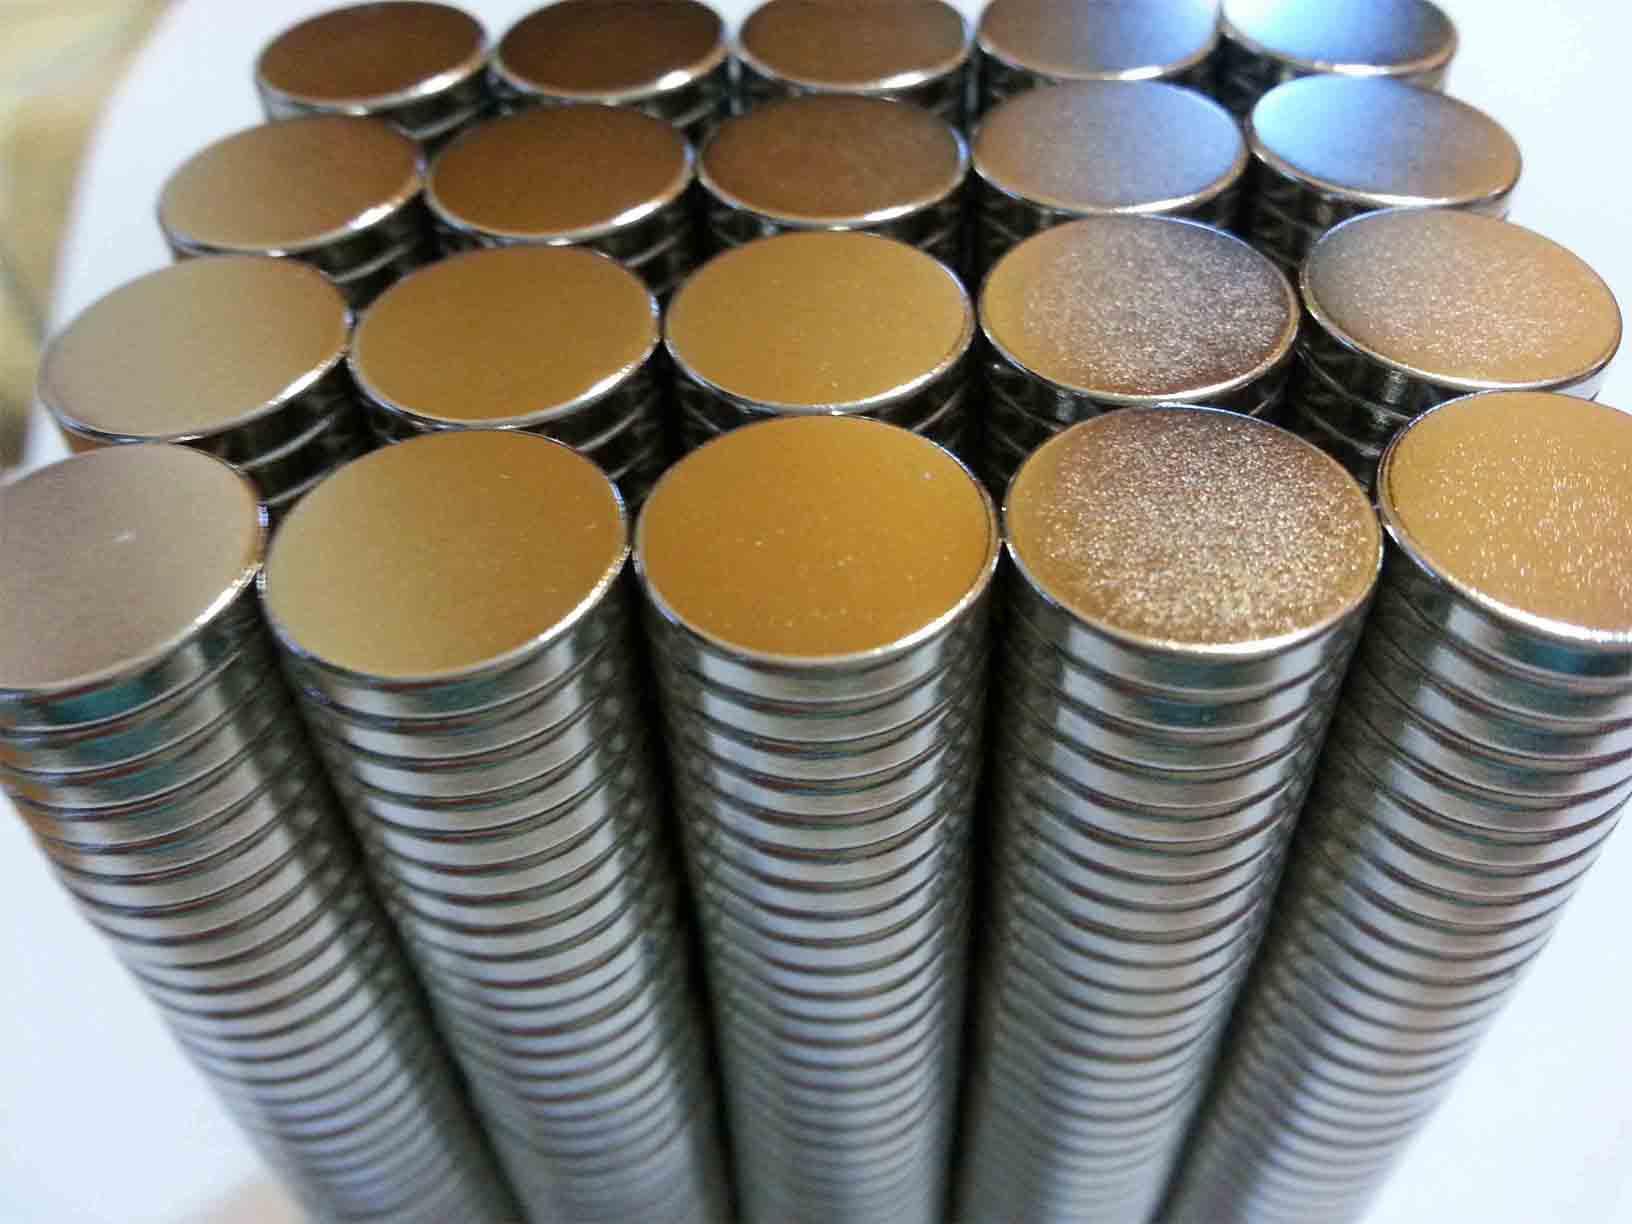 500 Imas De Neodímio 12,5mm X 2mm Super Forte